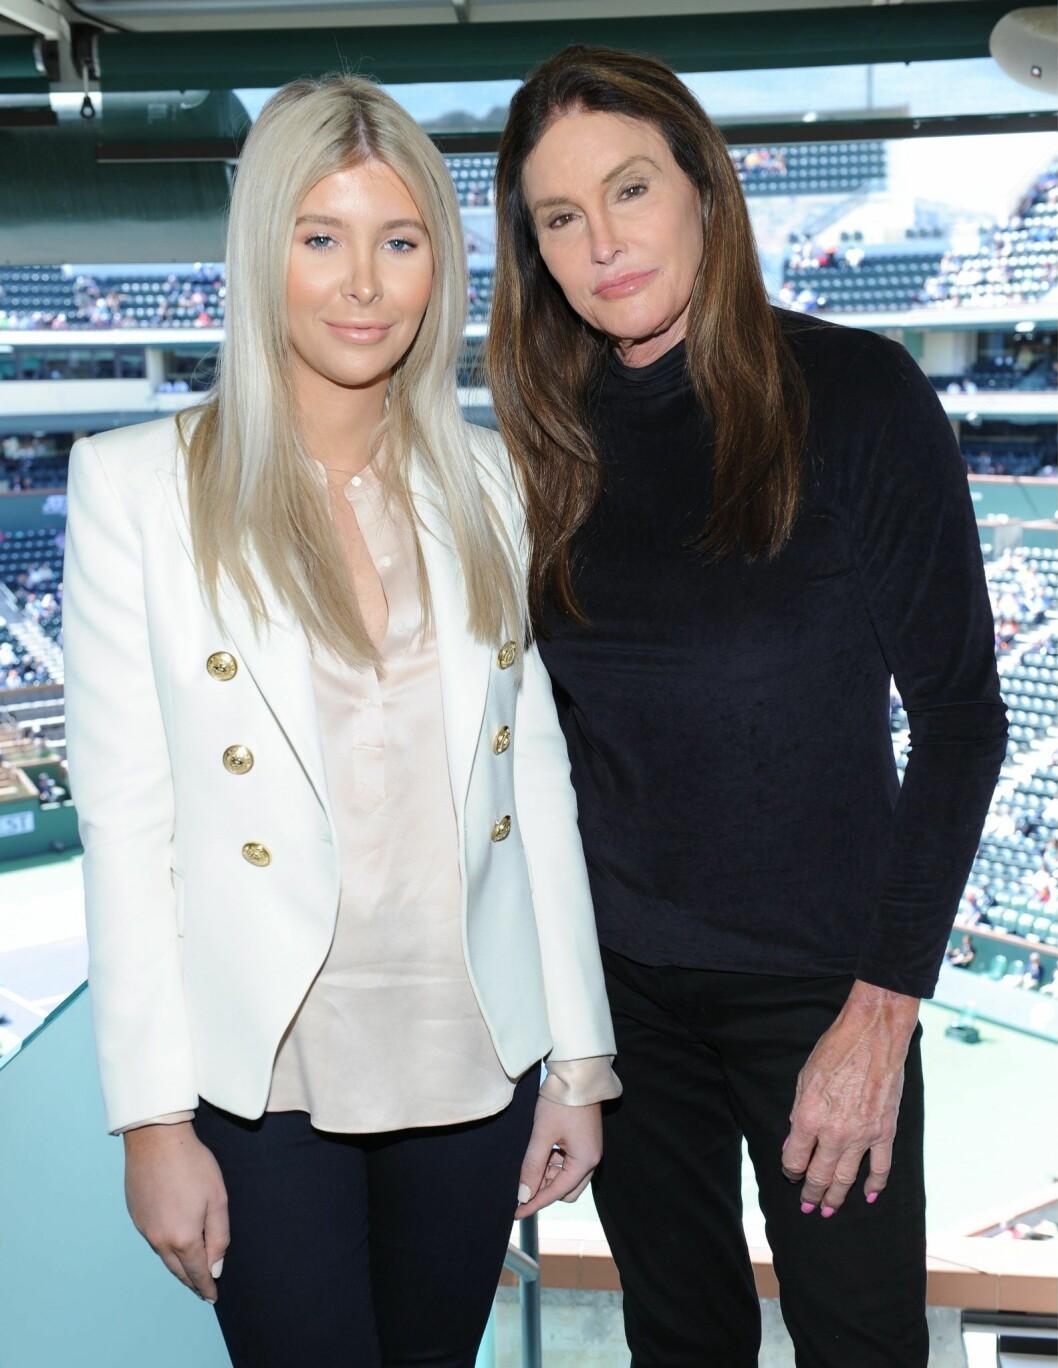 Caitlyn Jenner och Sophia Hutchins står bredvid varandra och tittar in i kameran.